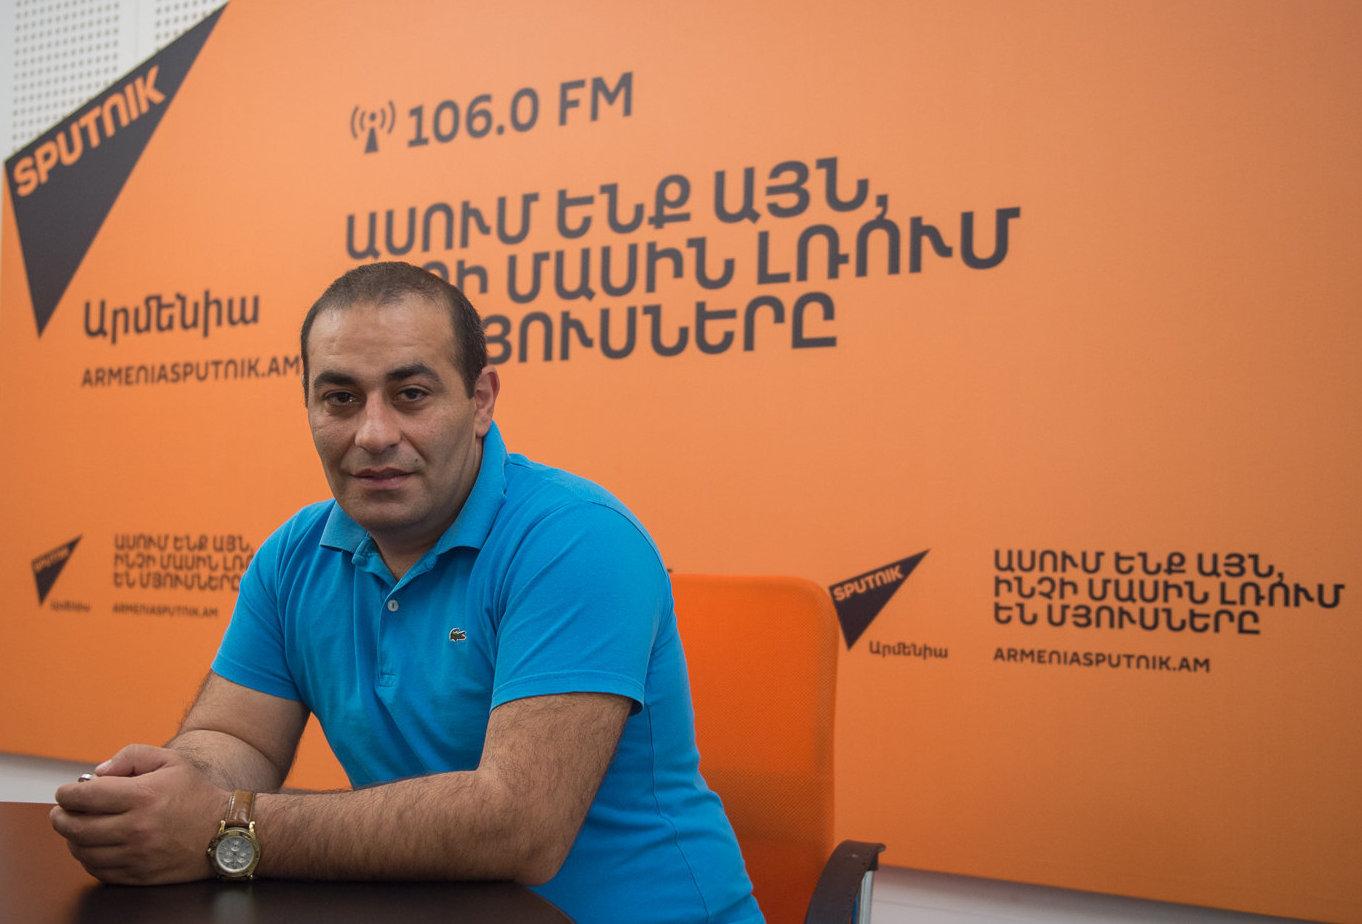 Азат Товмасян. Фото с сайта armeniasputnik.am